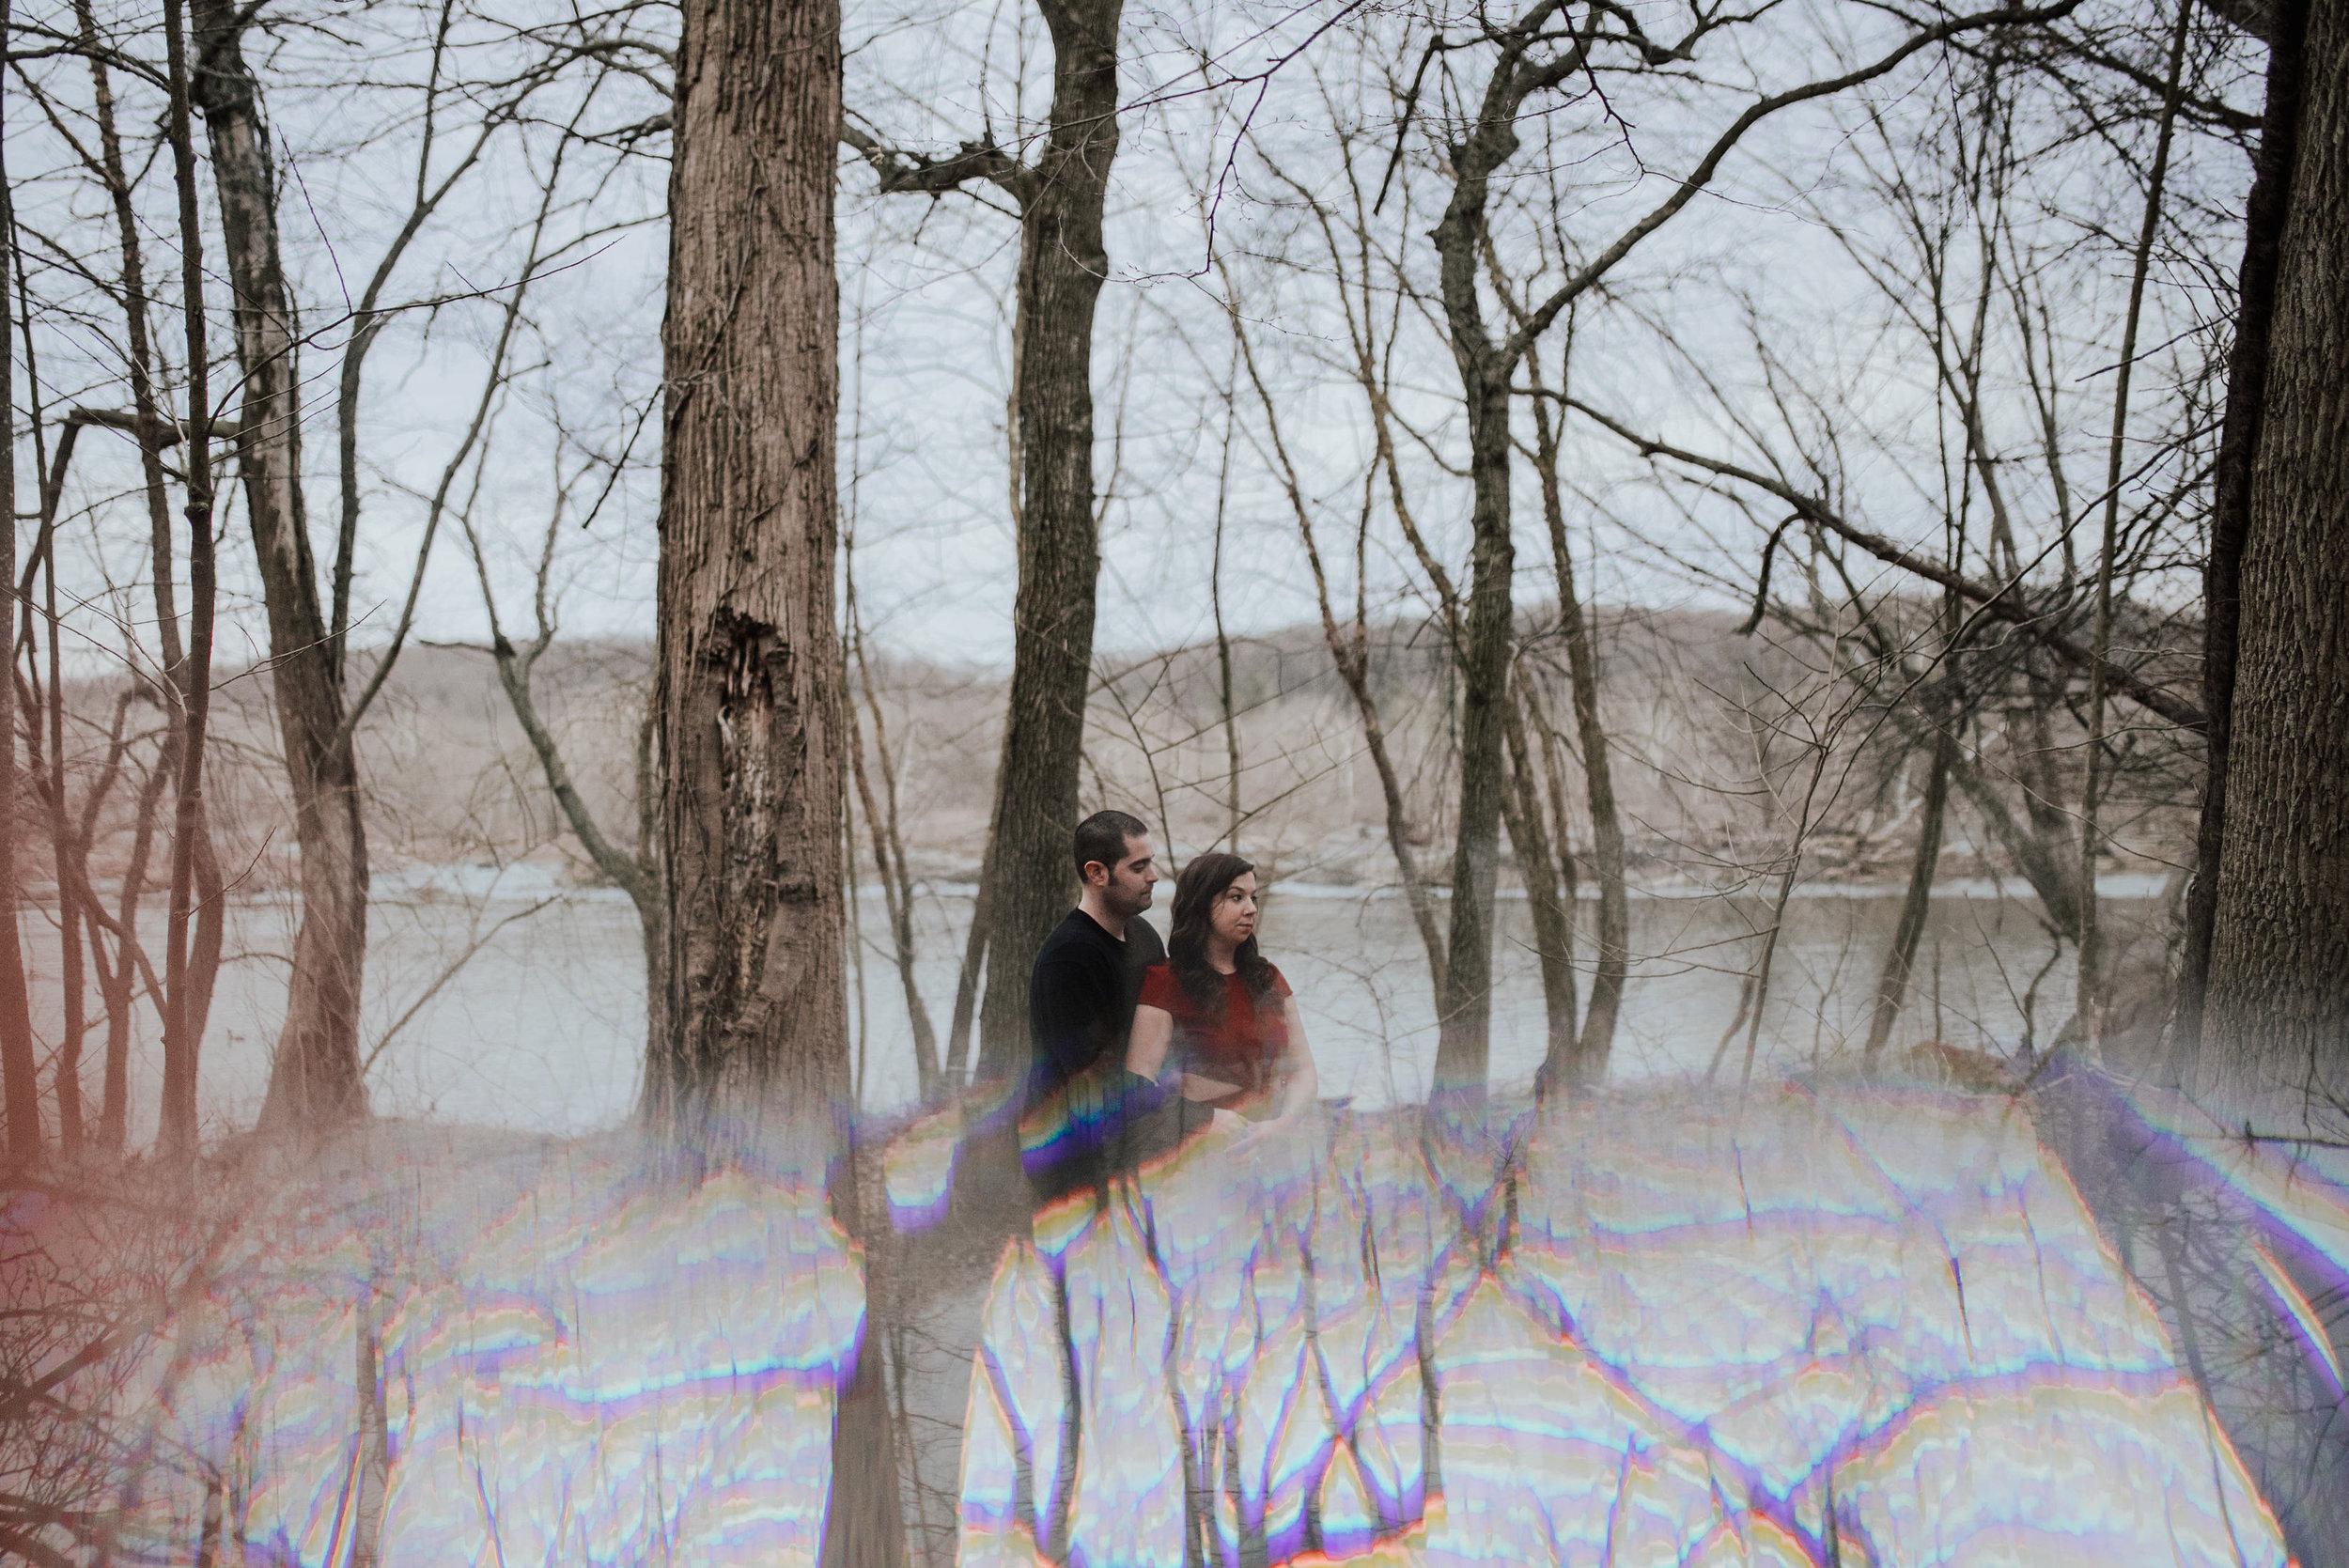 engagement portrait using a prism for reflection creating a unique composition